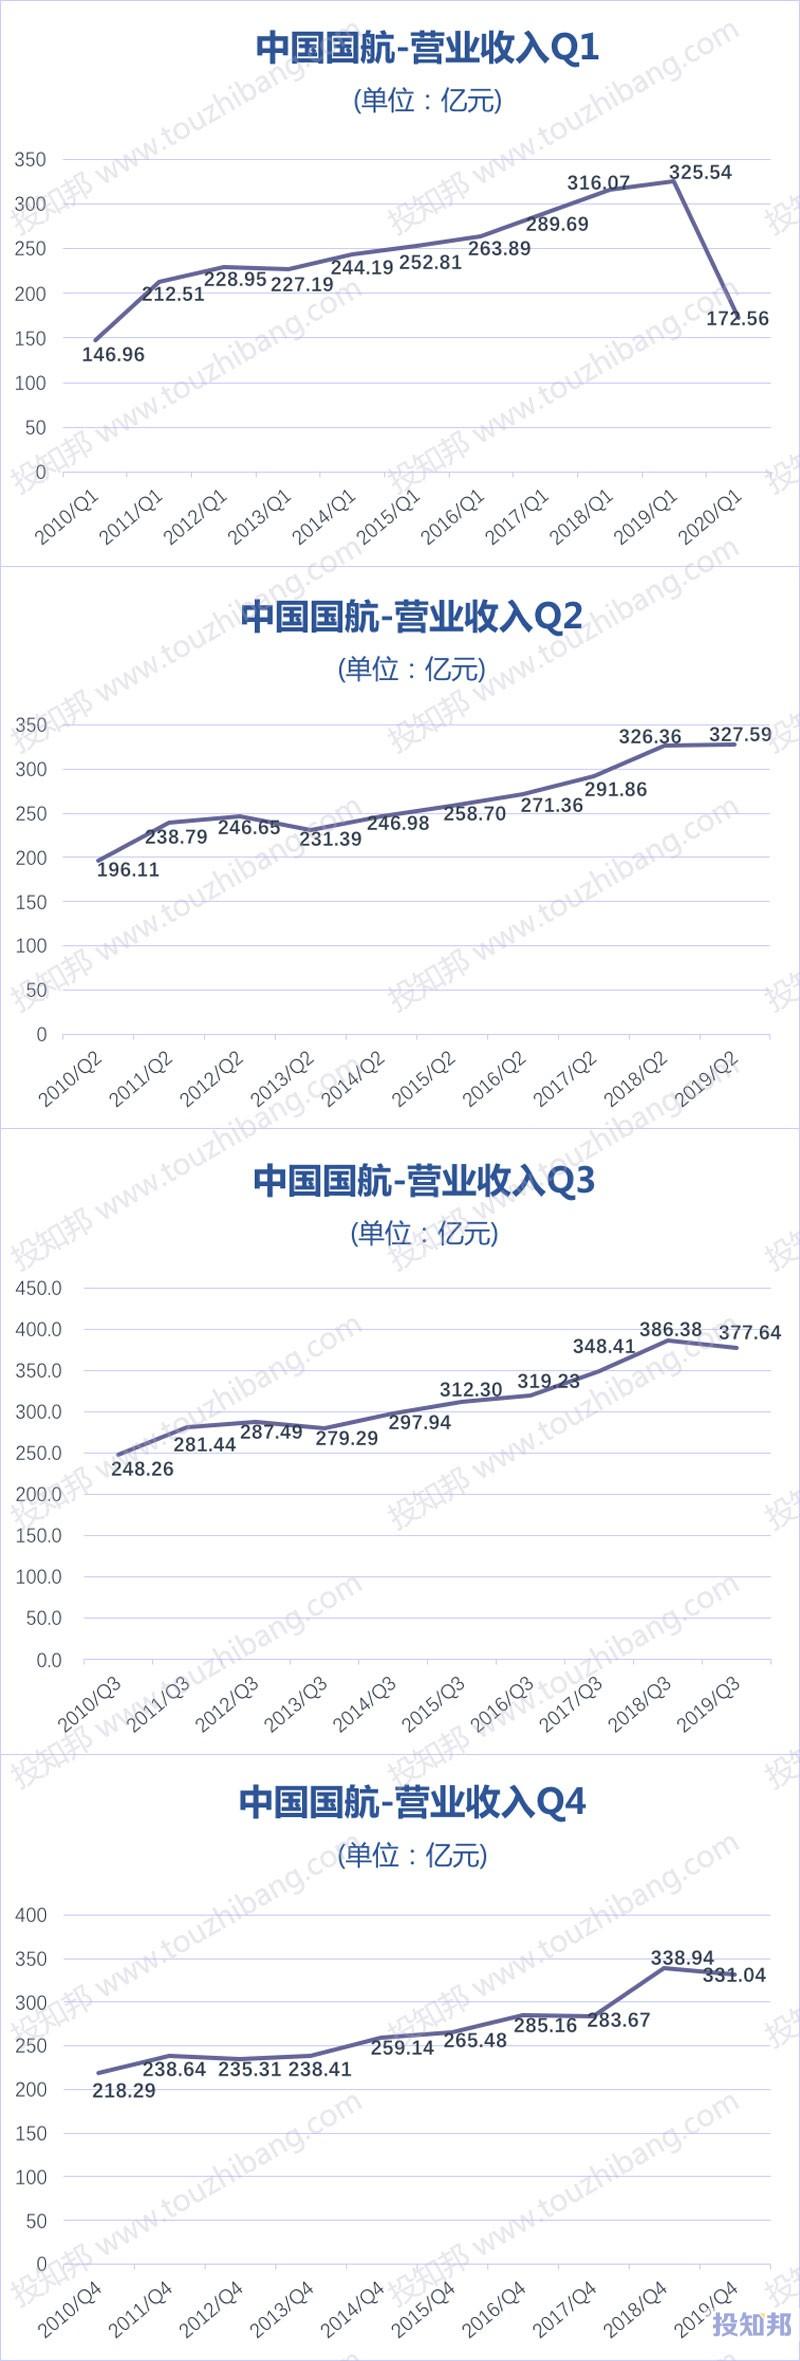 中国国航(601111)财报数据图示(2010年~2020年Q1,更新)